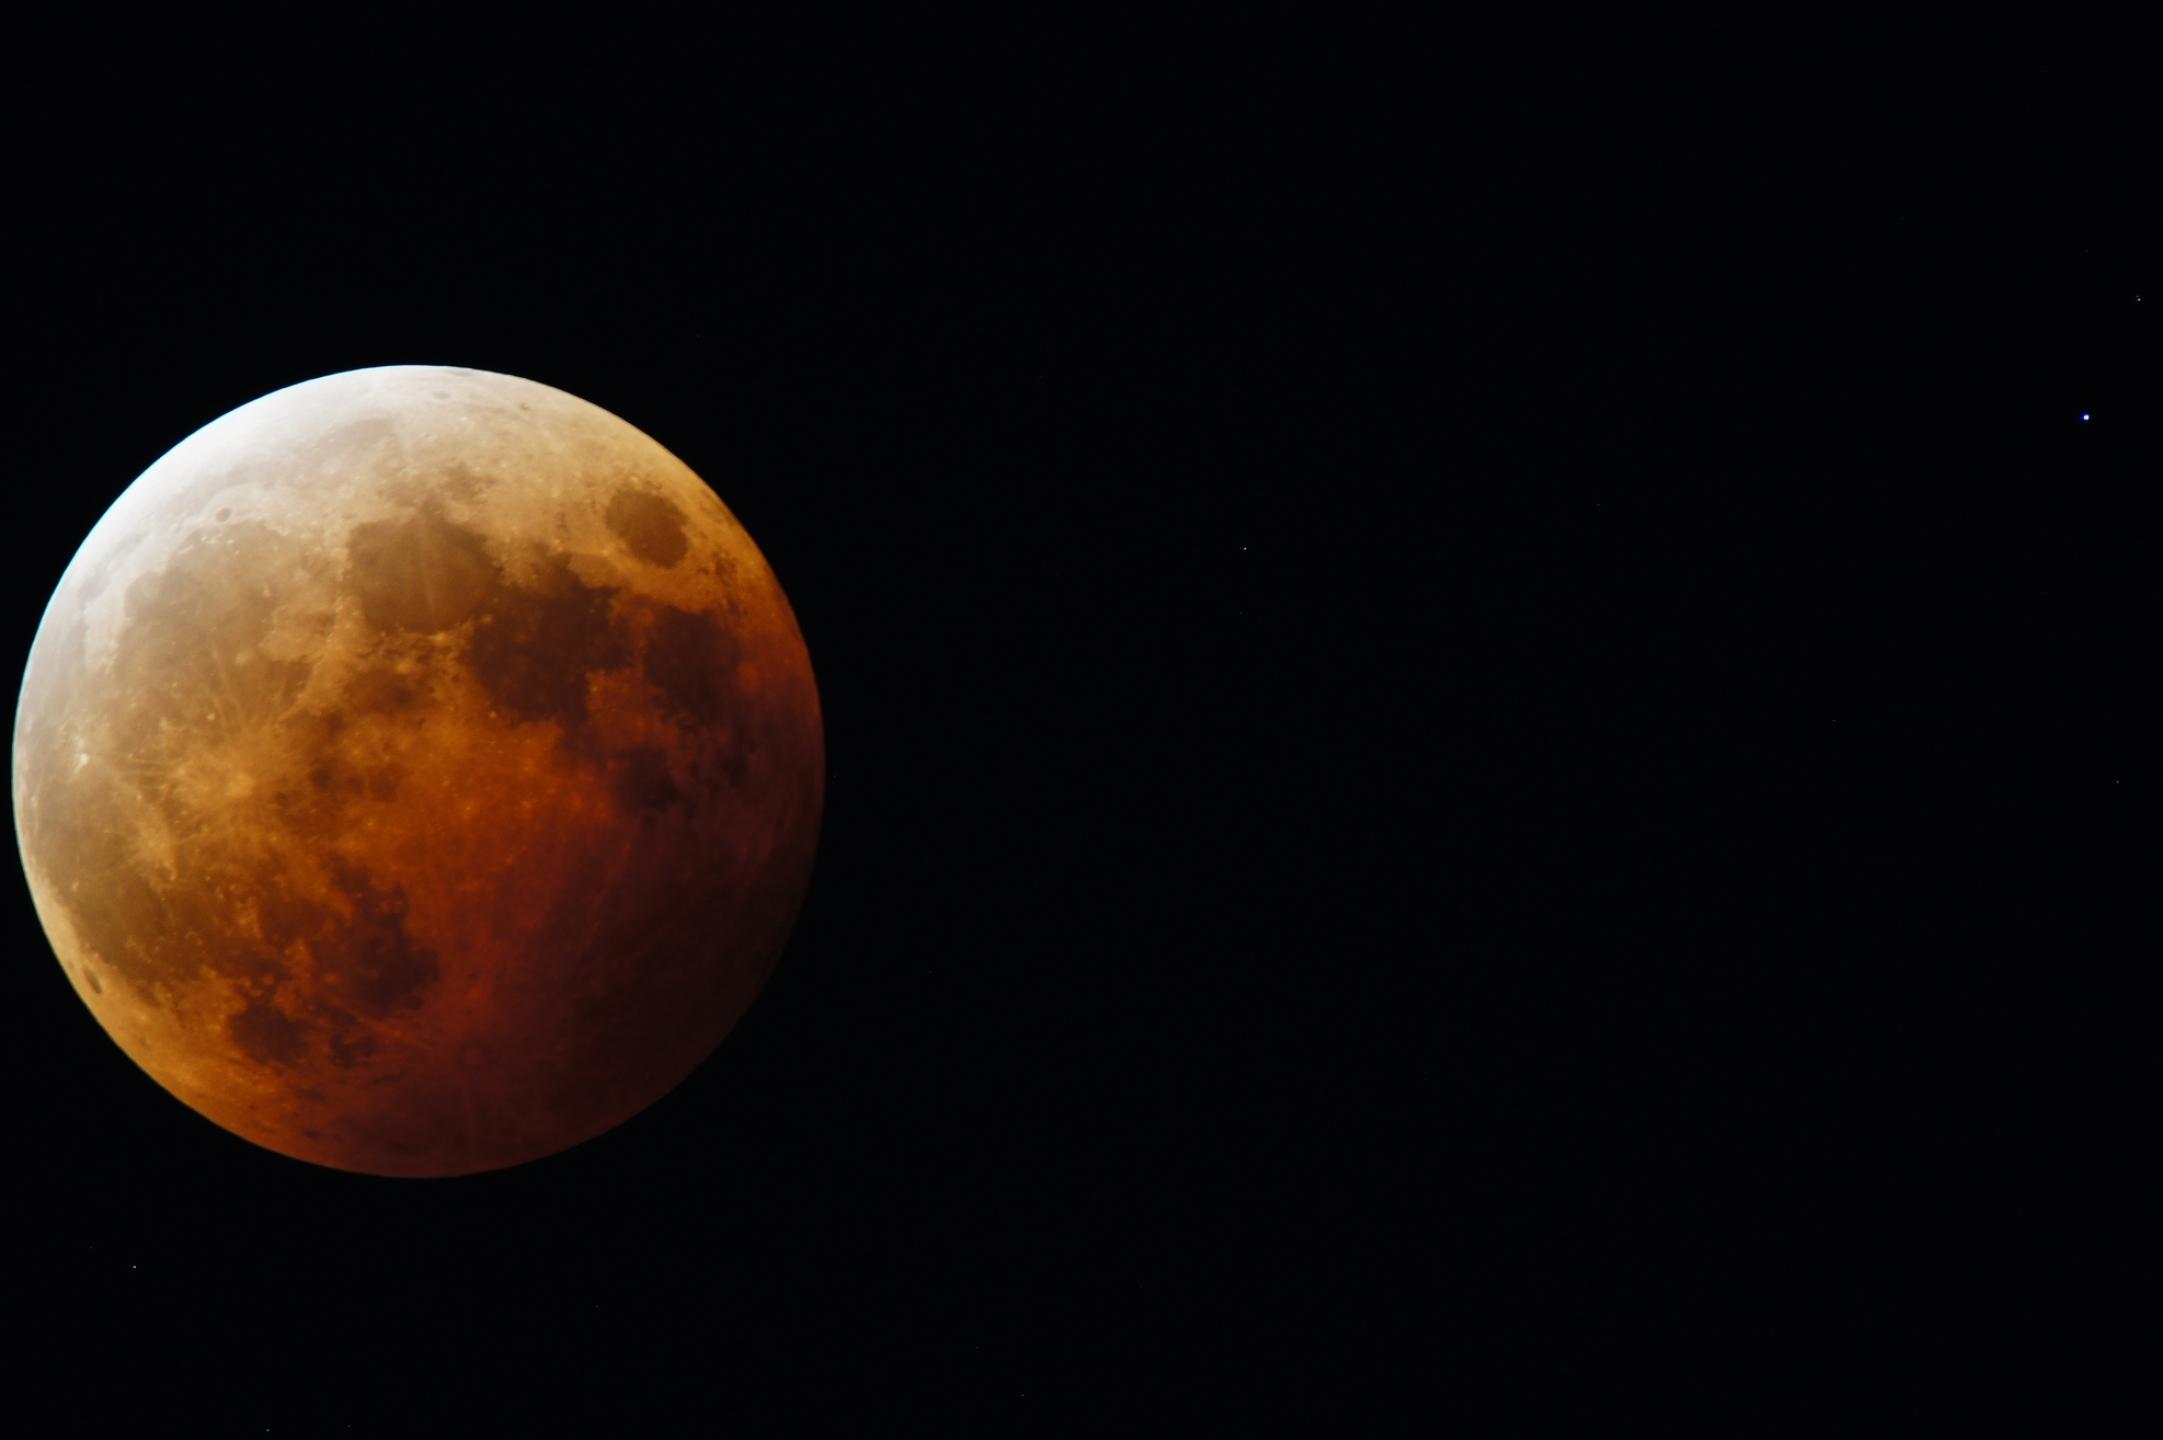 2014年4月日食_AstroArts: 投稿画像ギャラリー: 皆既中の月と天王星